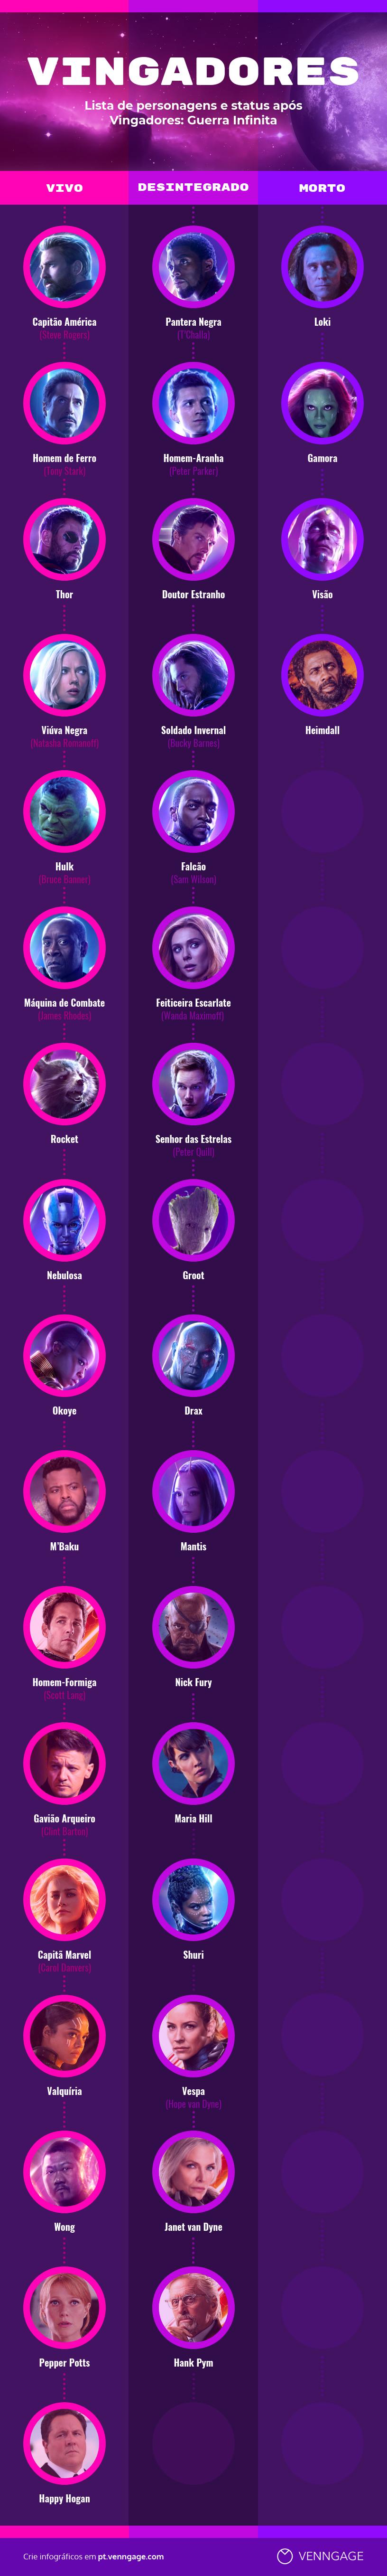 Vingadores lista de personagens e status